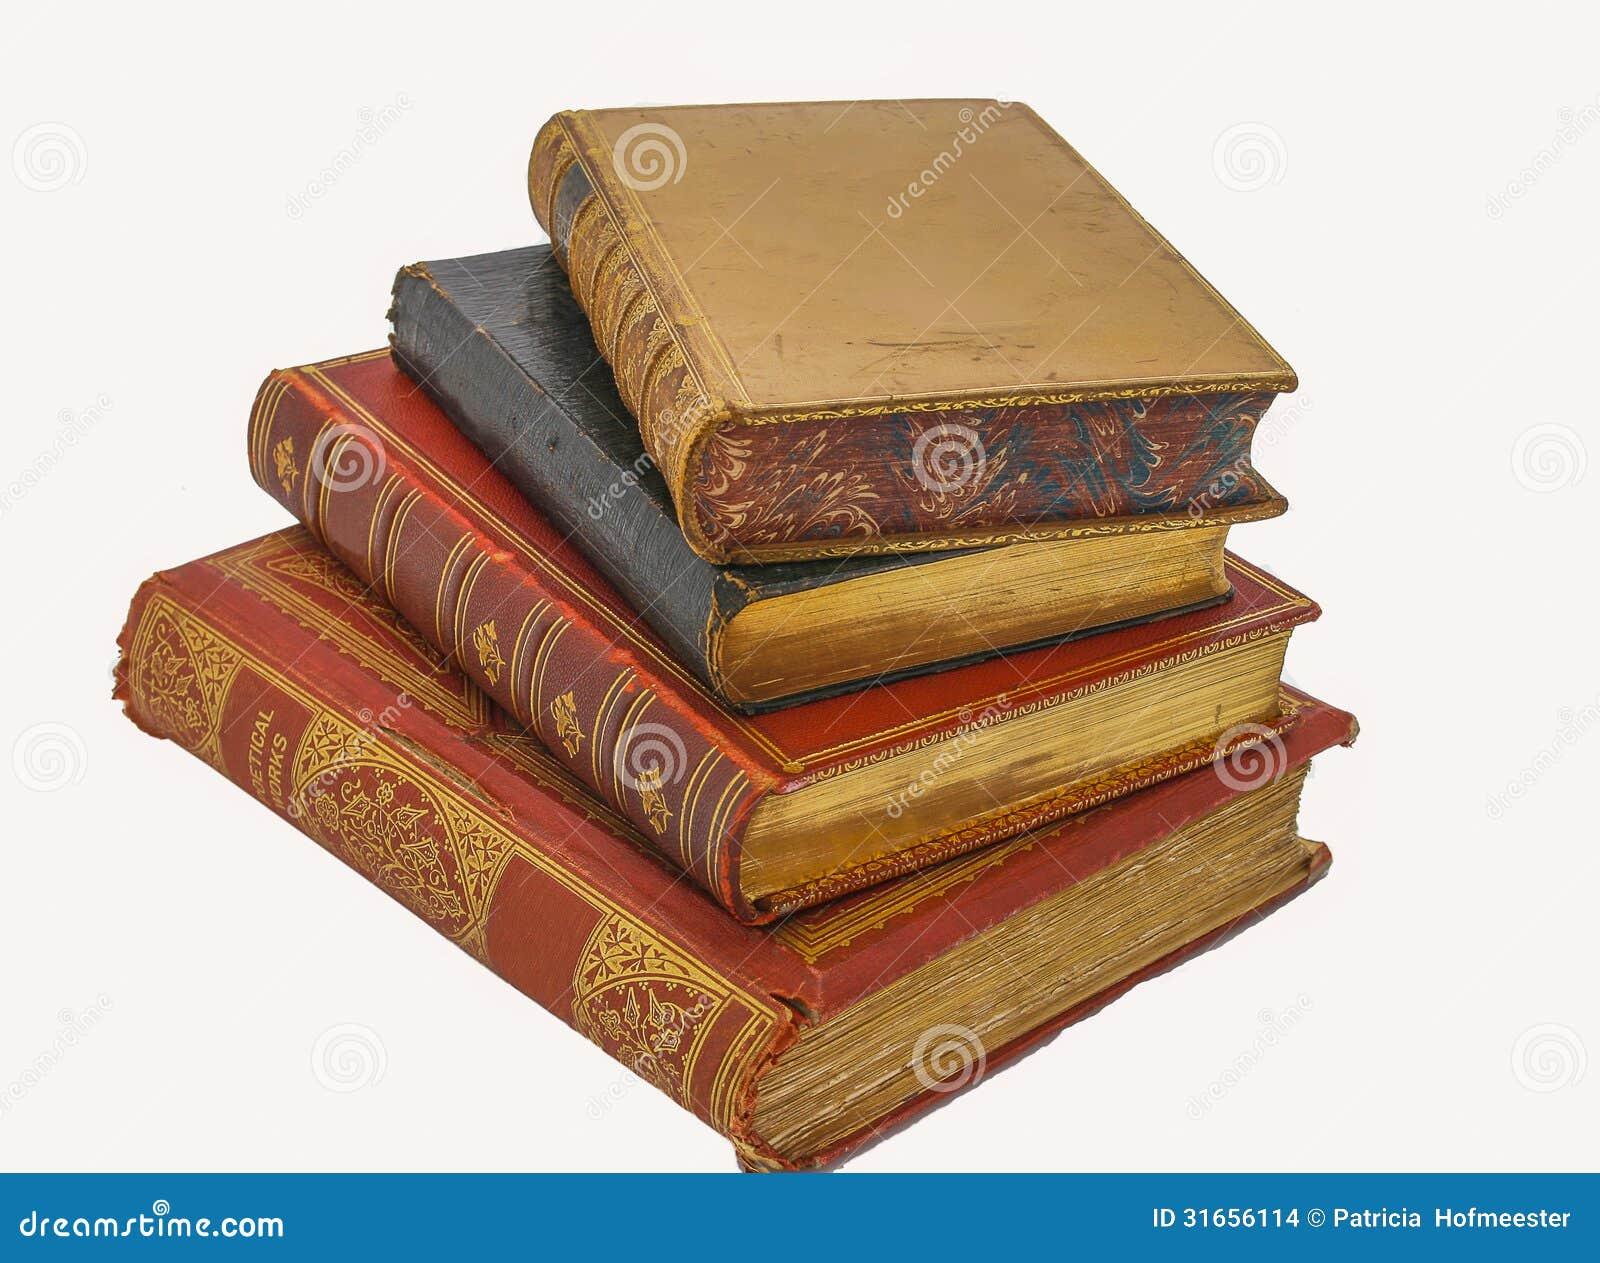 Libros Antiguos Foto De Archivo. Imagen De Colección